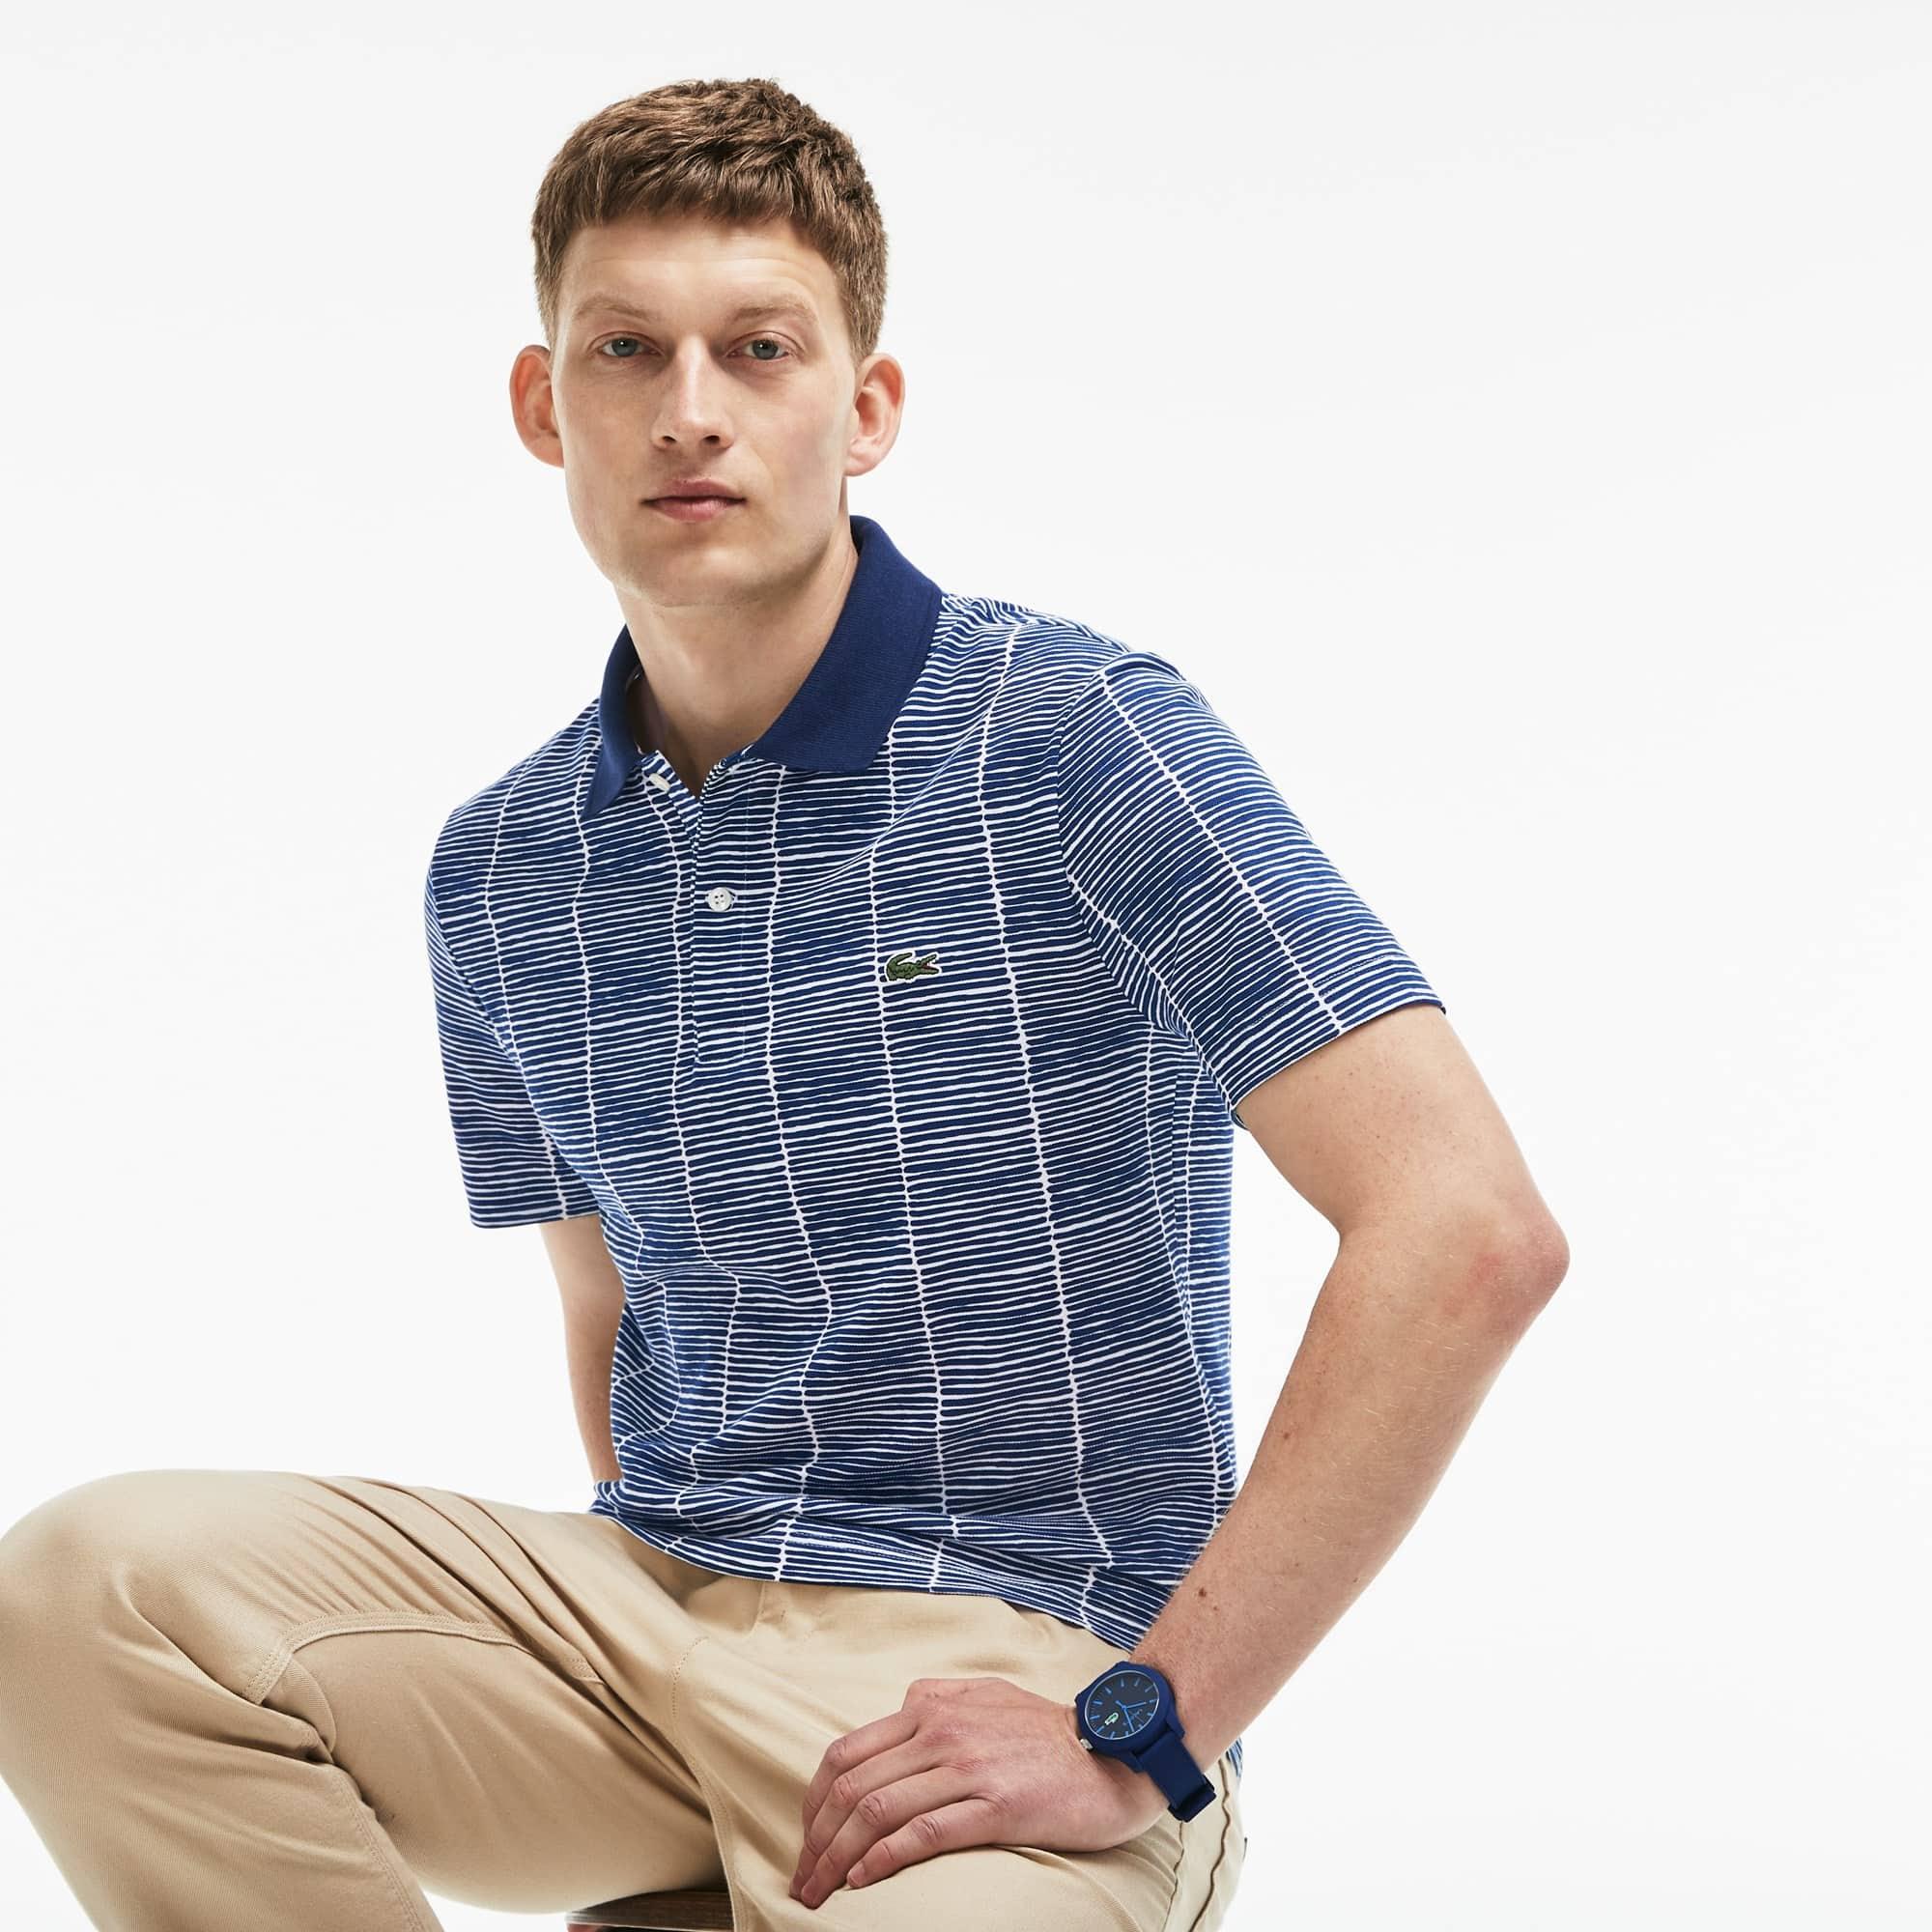 Herren LACOSTE Slim Fit Print Poloshirt aus Baumwoll-Piqué